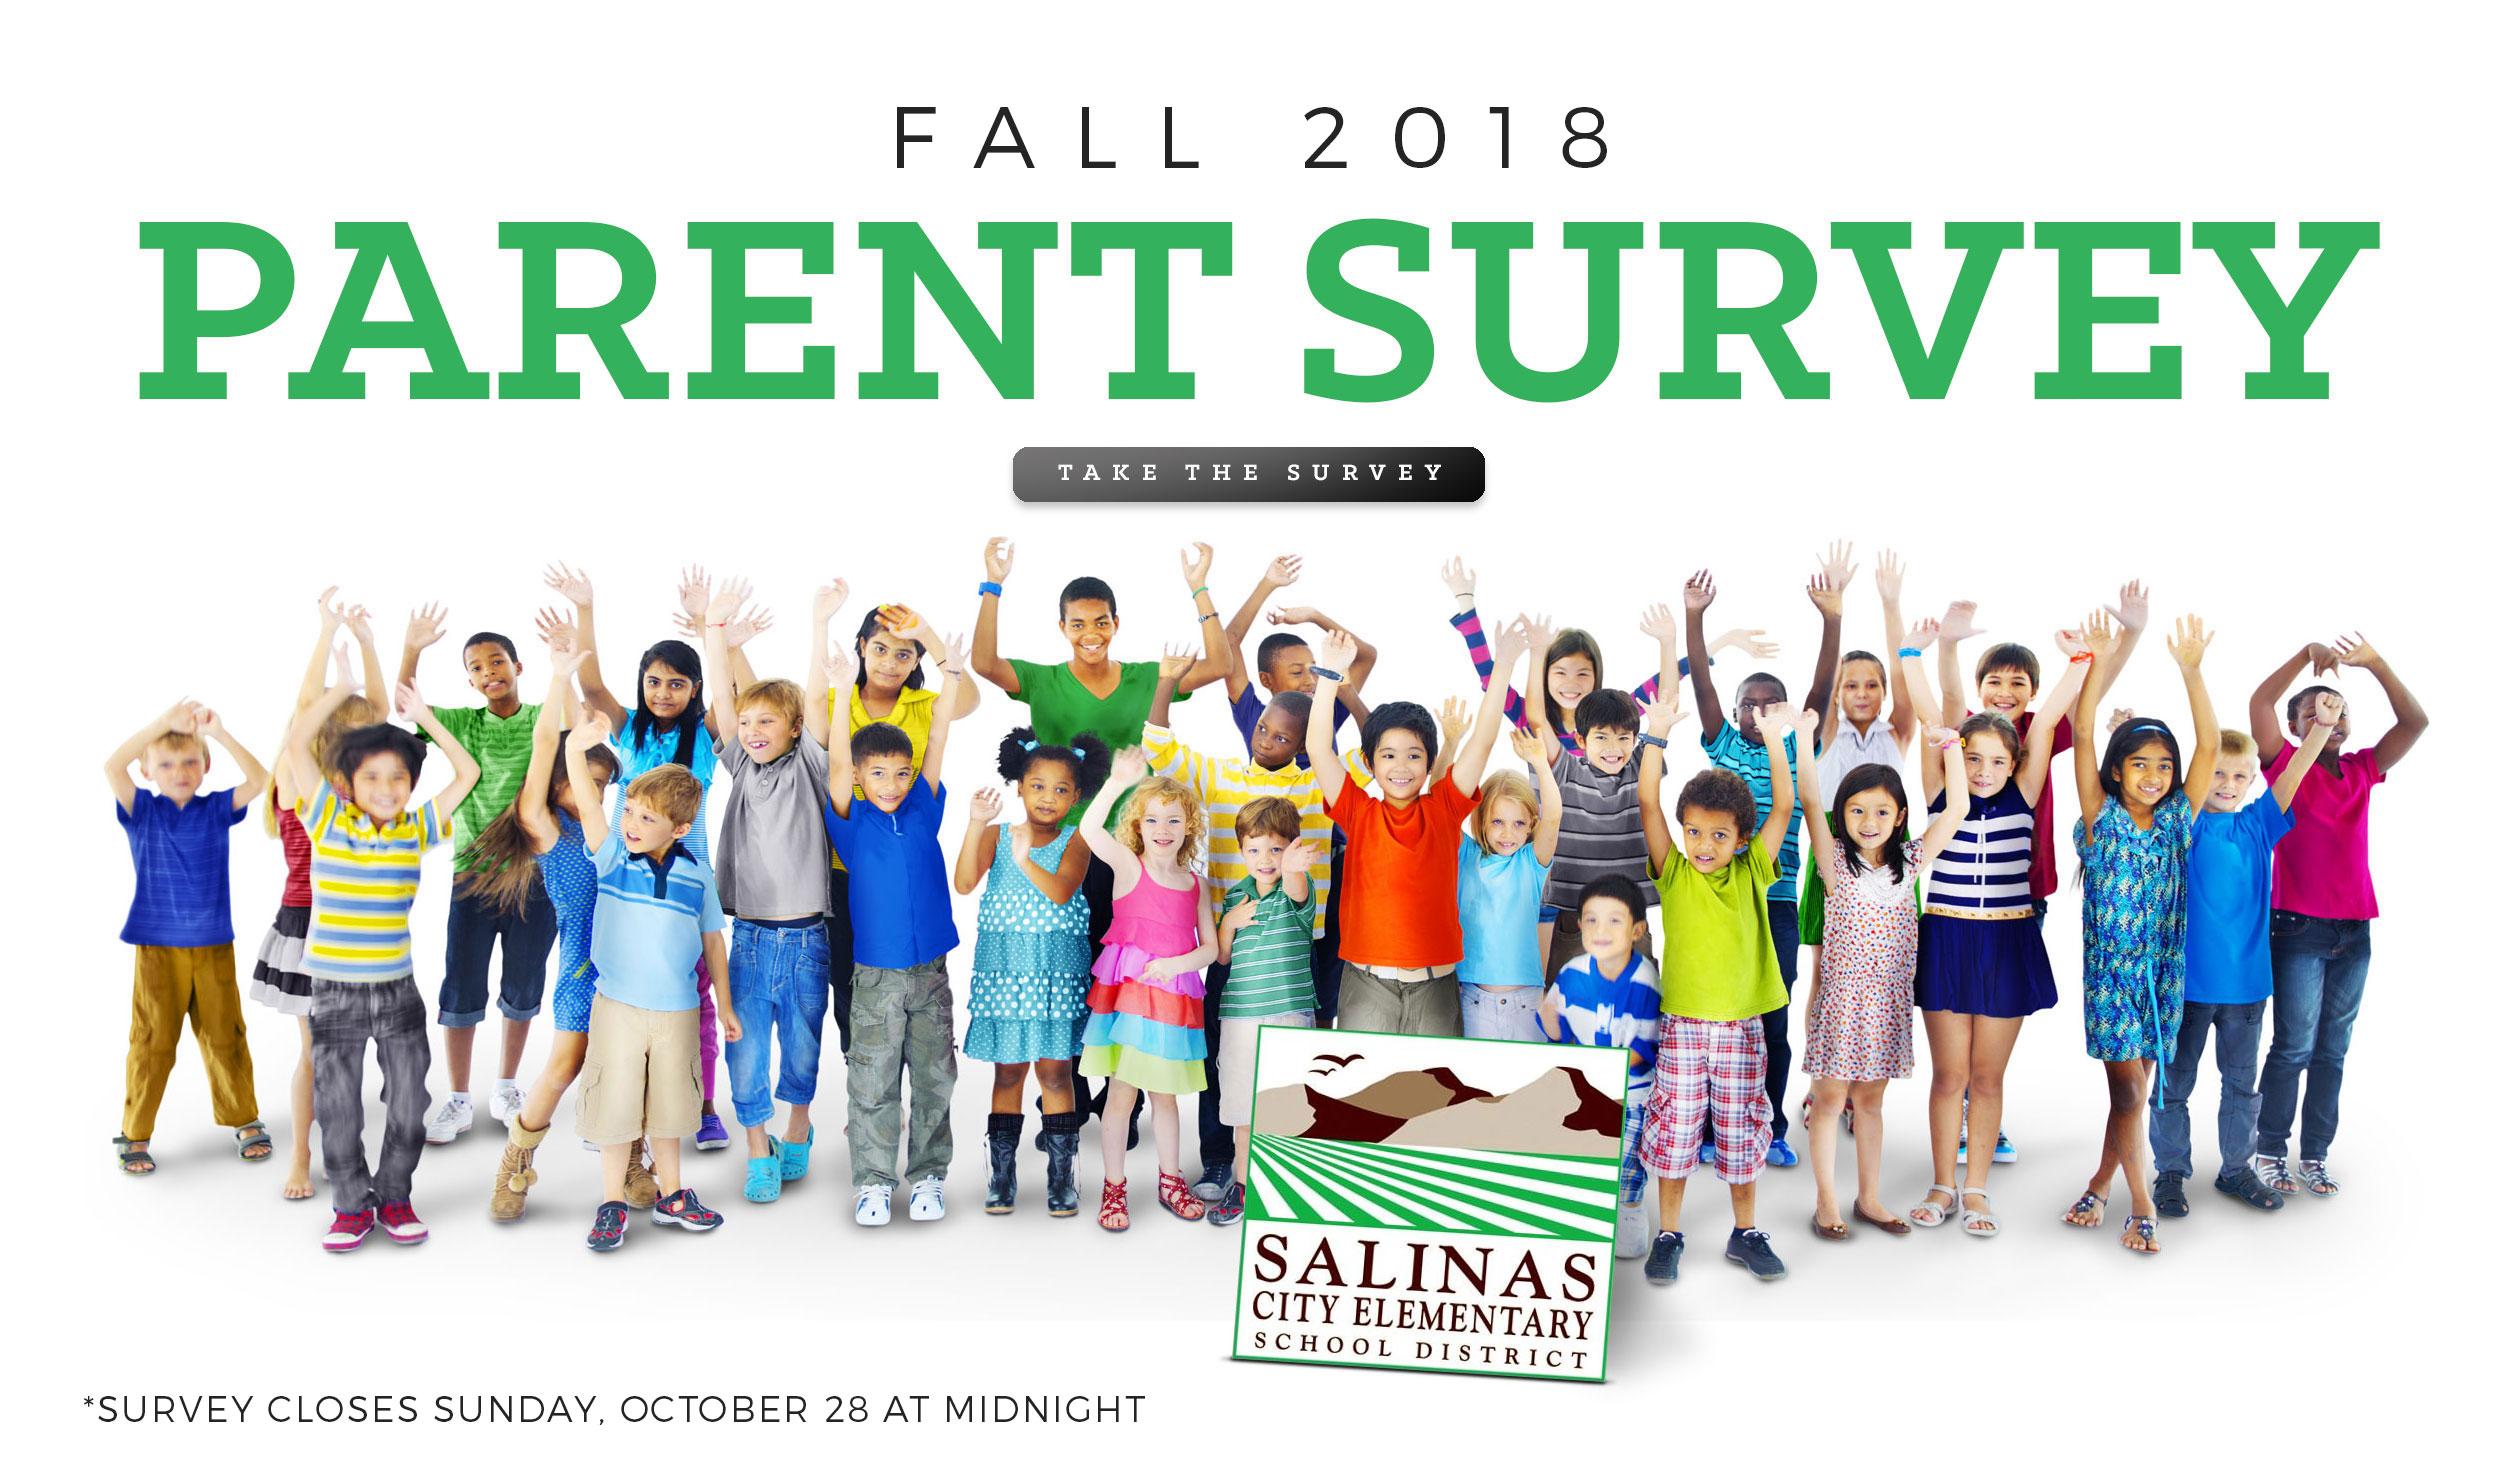 Fall2018_Eng_parentsurvey_Header.jpg